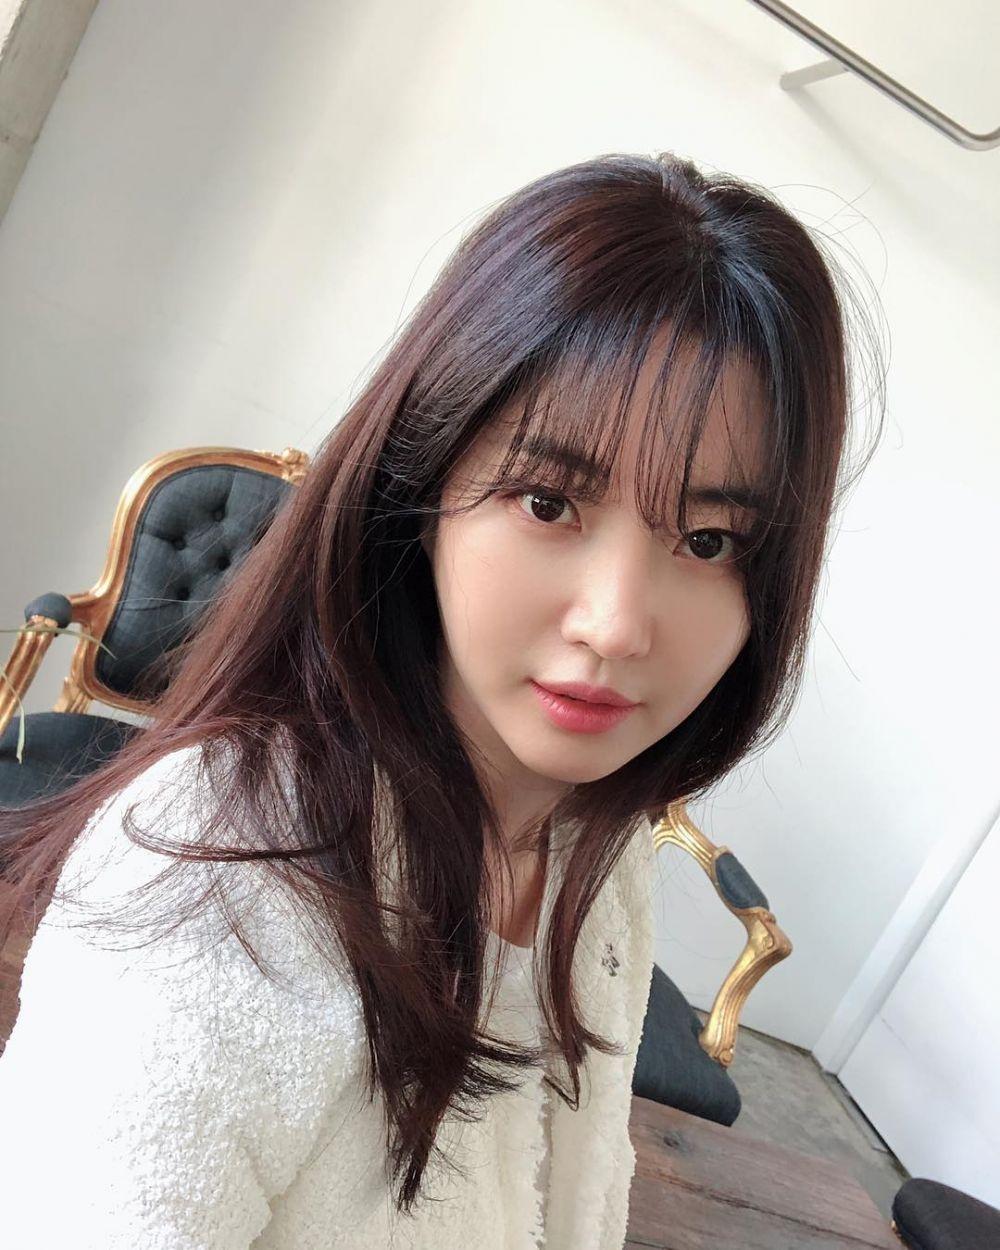 Nhan sac khong tuoi cua 'Hoa hau dep nhat Han Quoc' o tuoi 42 hinh anh 5 46427681_325741574926948_3332885998194058625_n_466532d1b8d62caf616f14d915430043.jpg